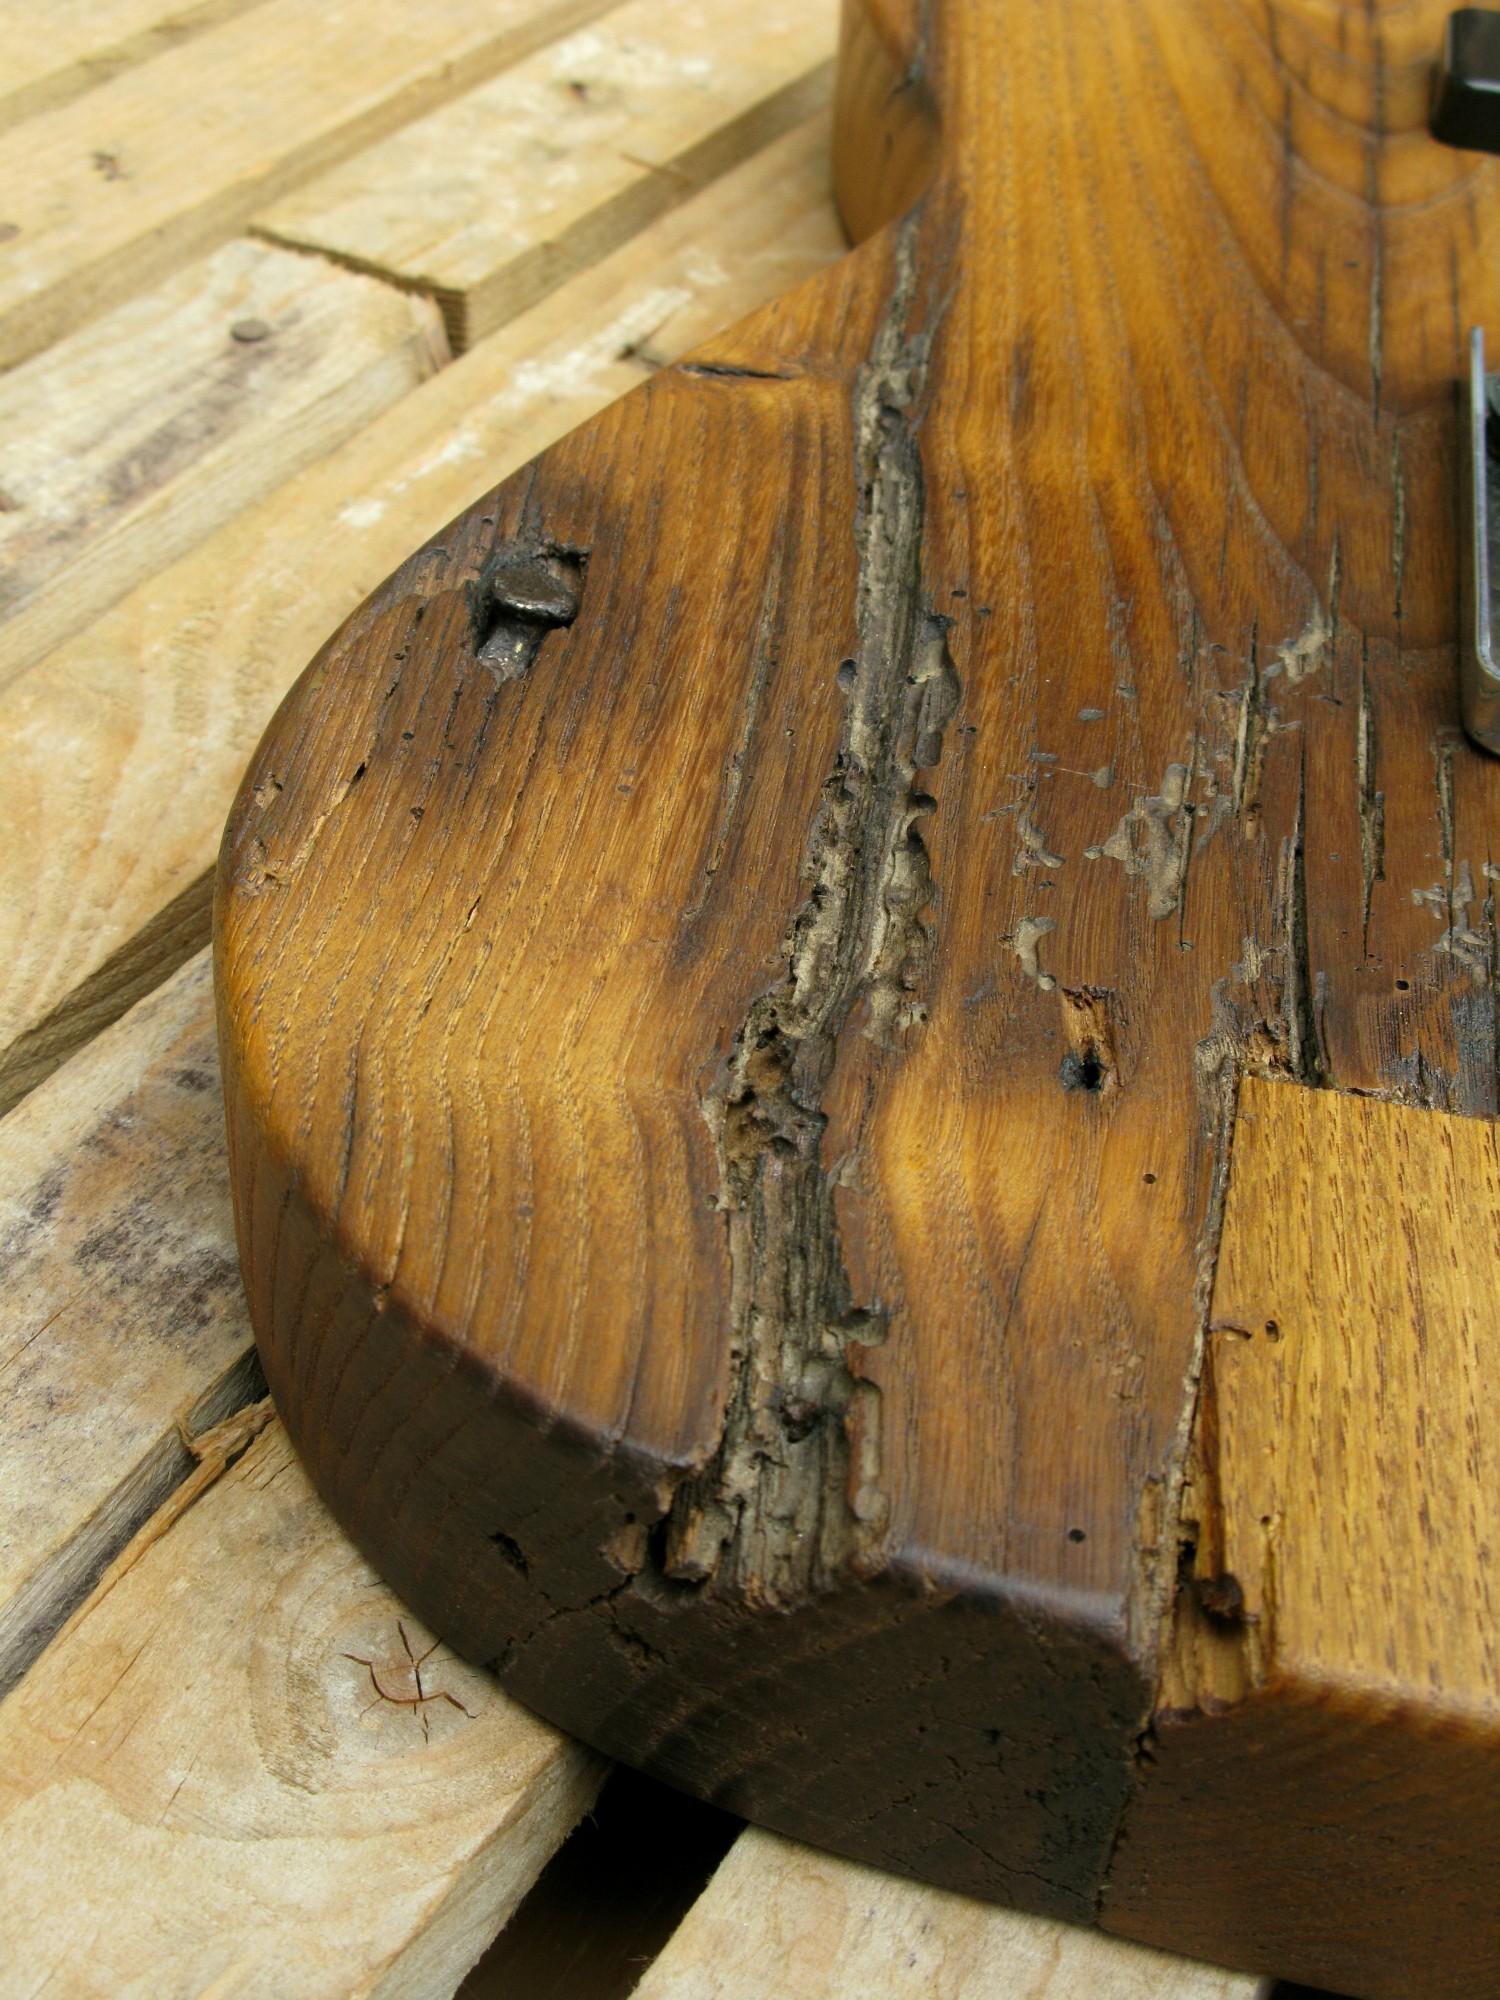 dettaglio del legno di una Telecaster con corpo in castagno secolare e manico in acero roasted